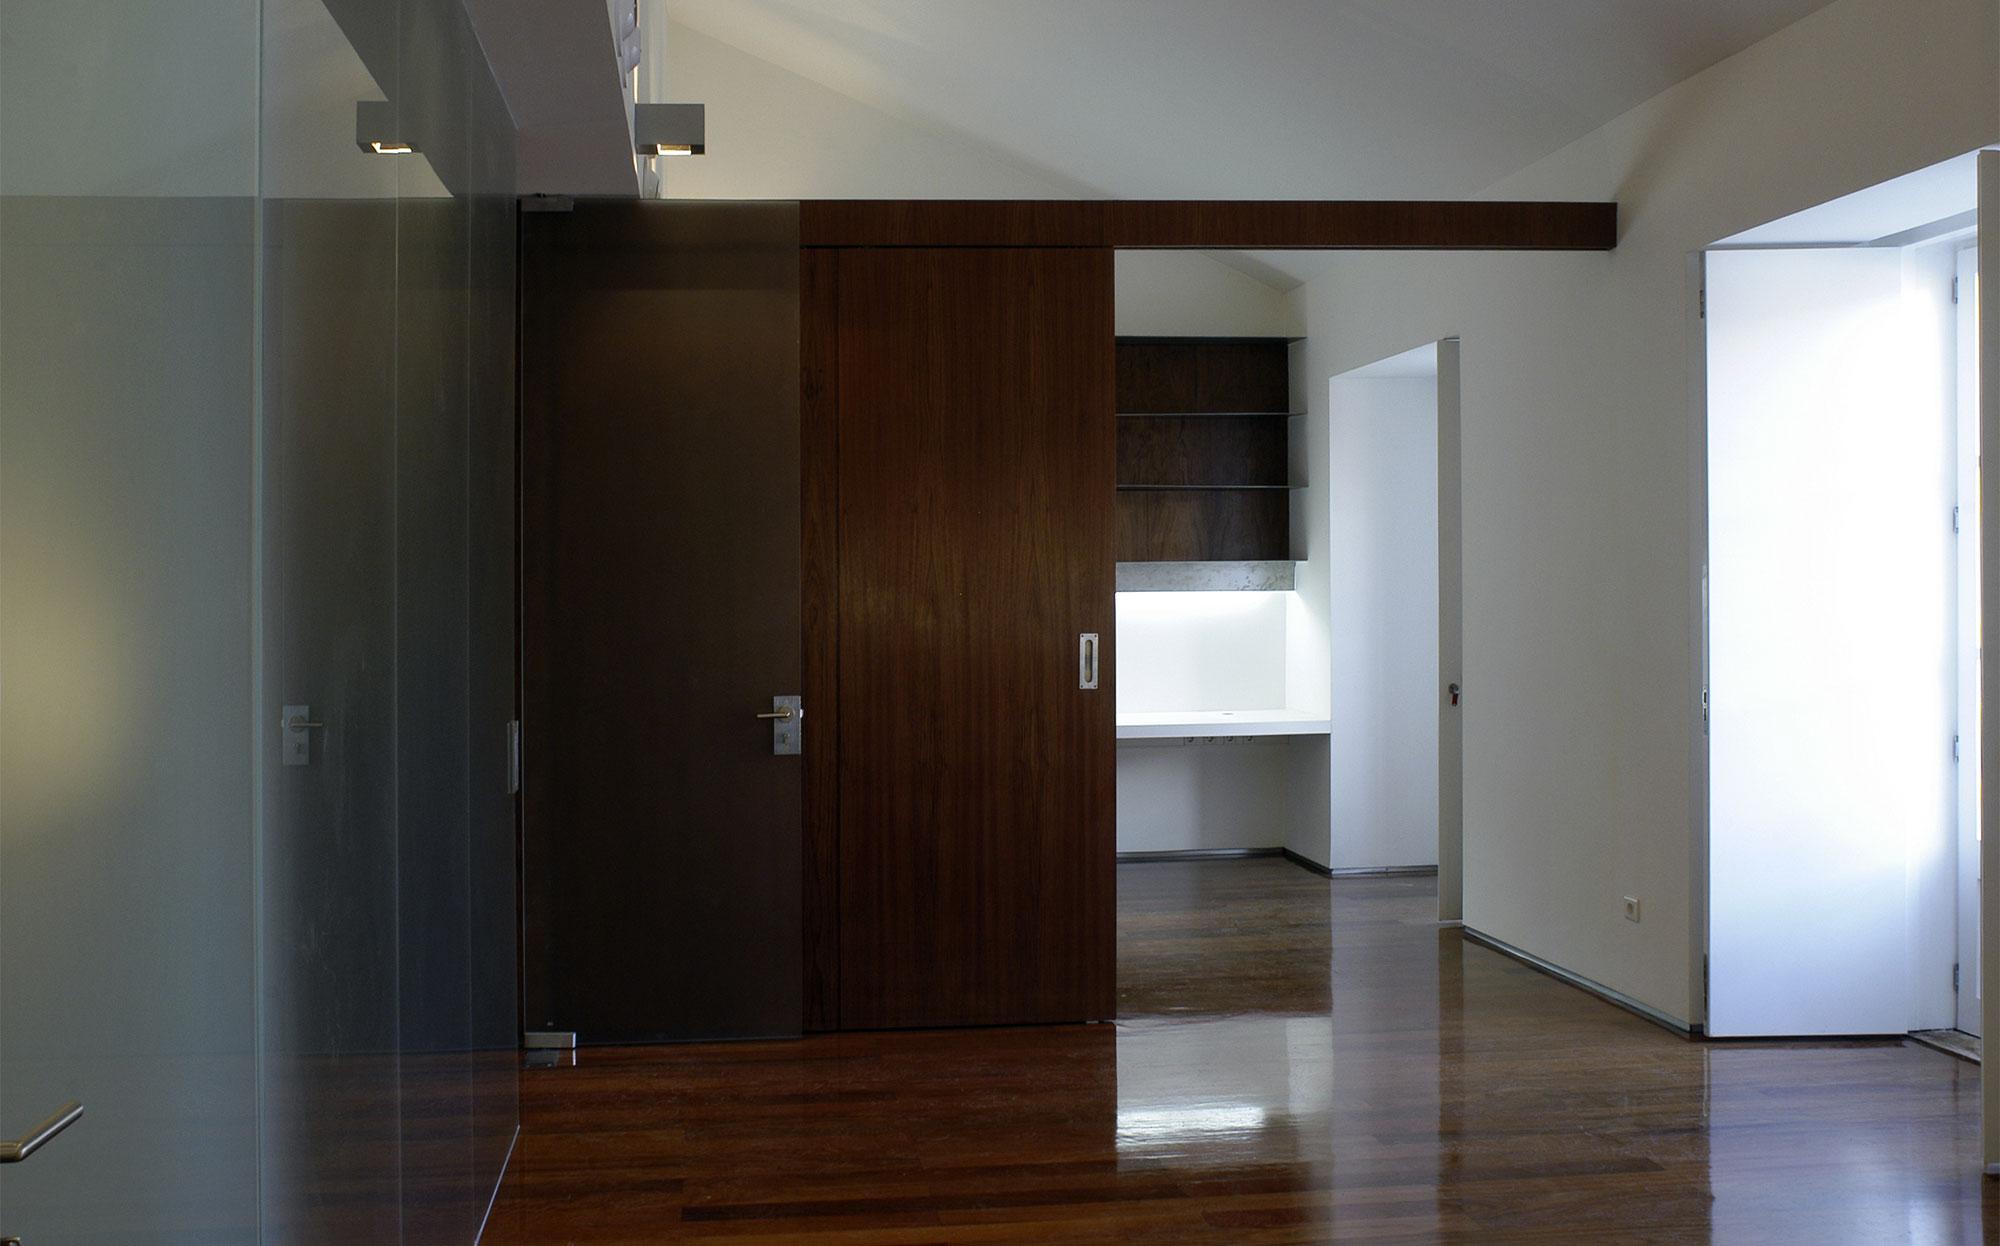 Loja e Oficina Negociarte arquitectos